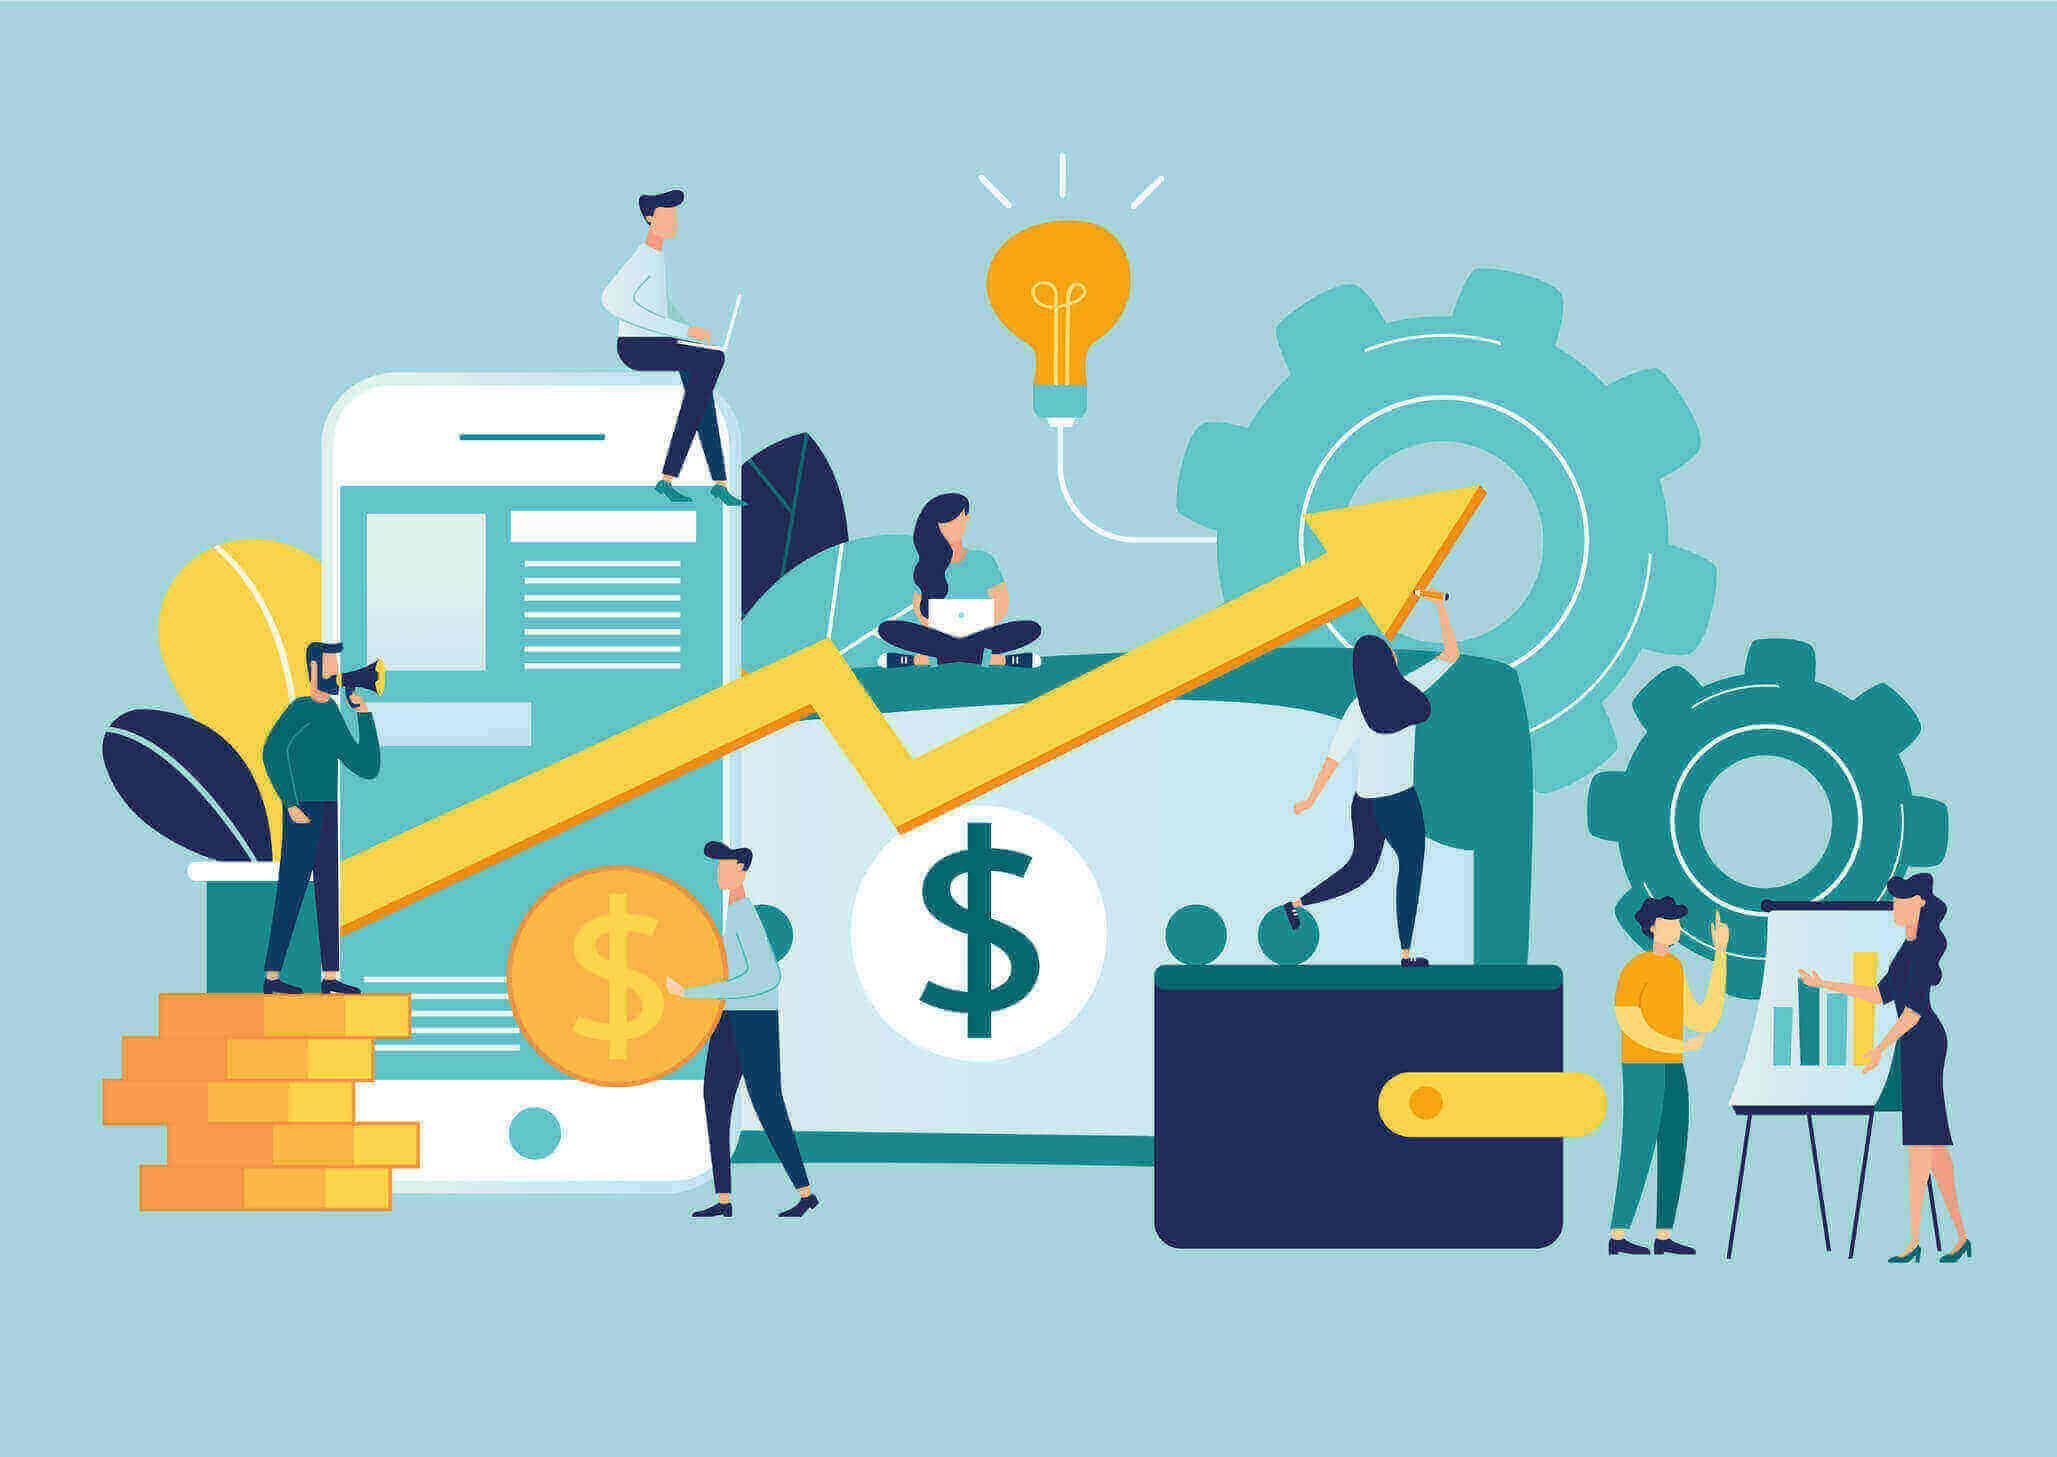 Hochpreisstrategie: Welche Vorteile bietet teuer?